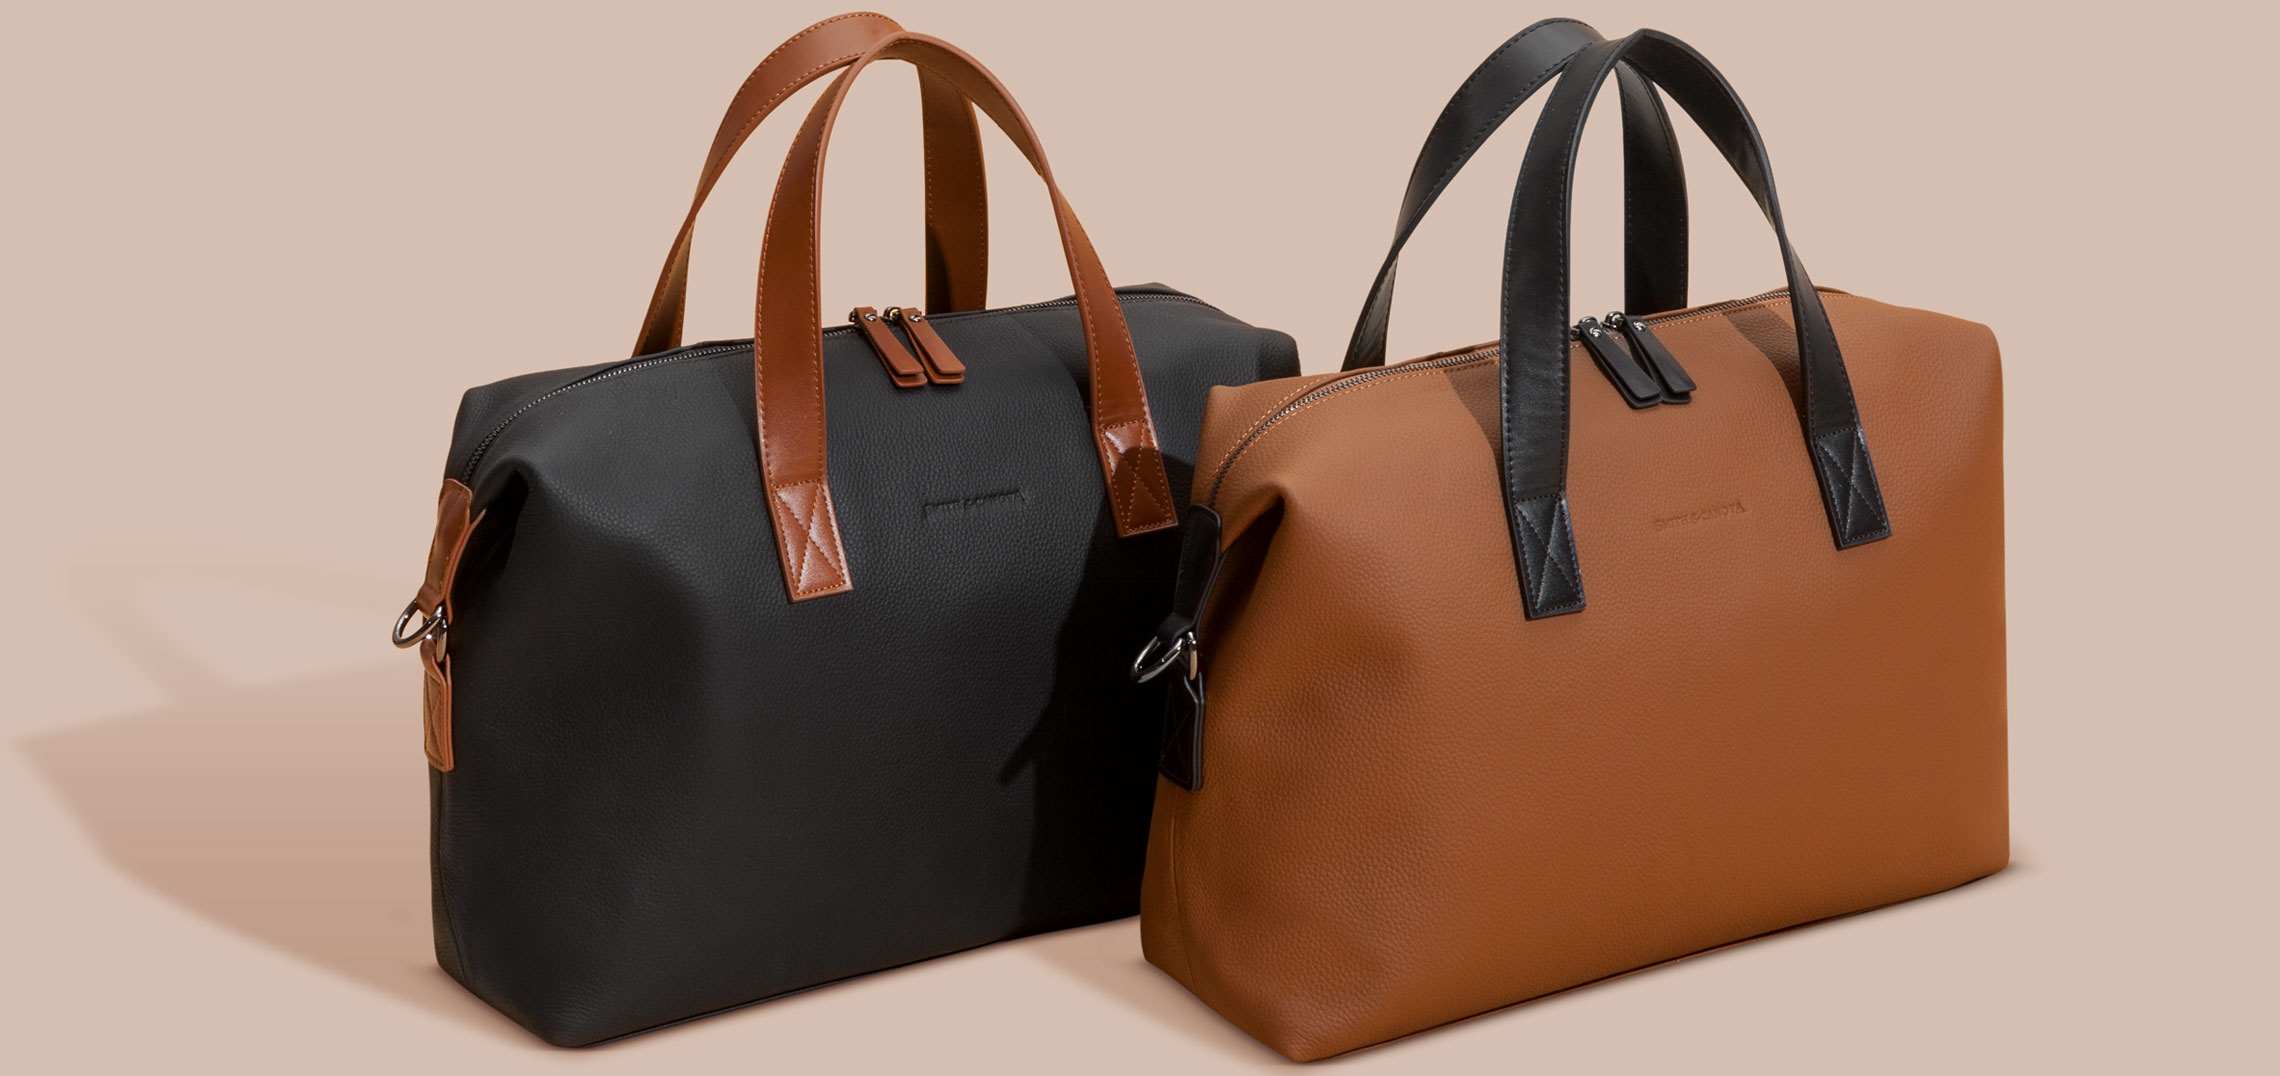 Smith & Canova - SS18 Men's Collection